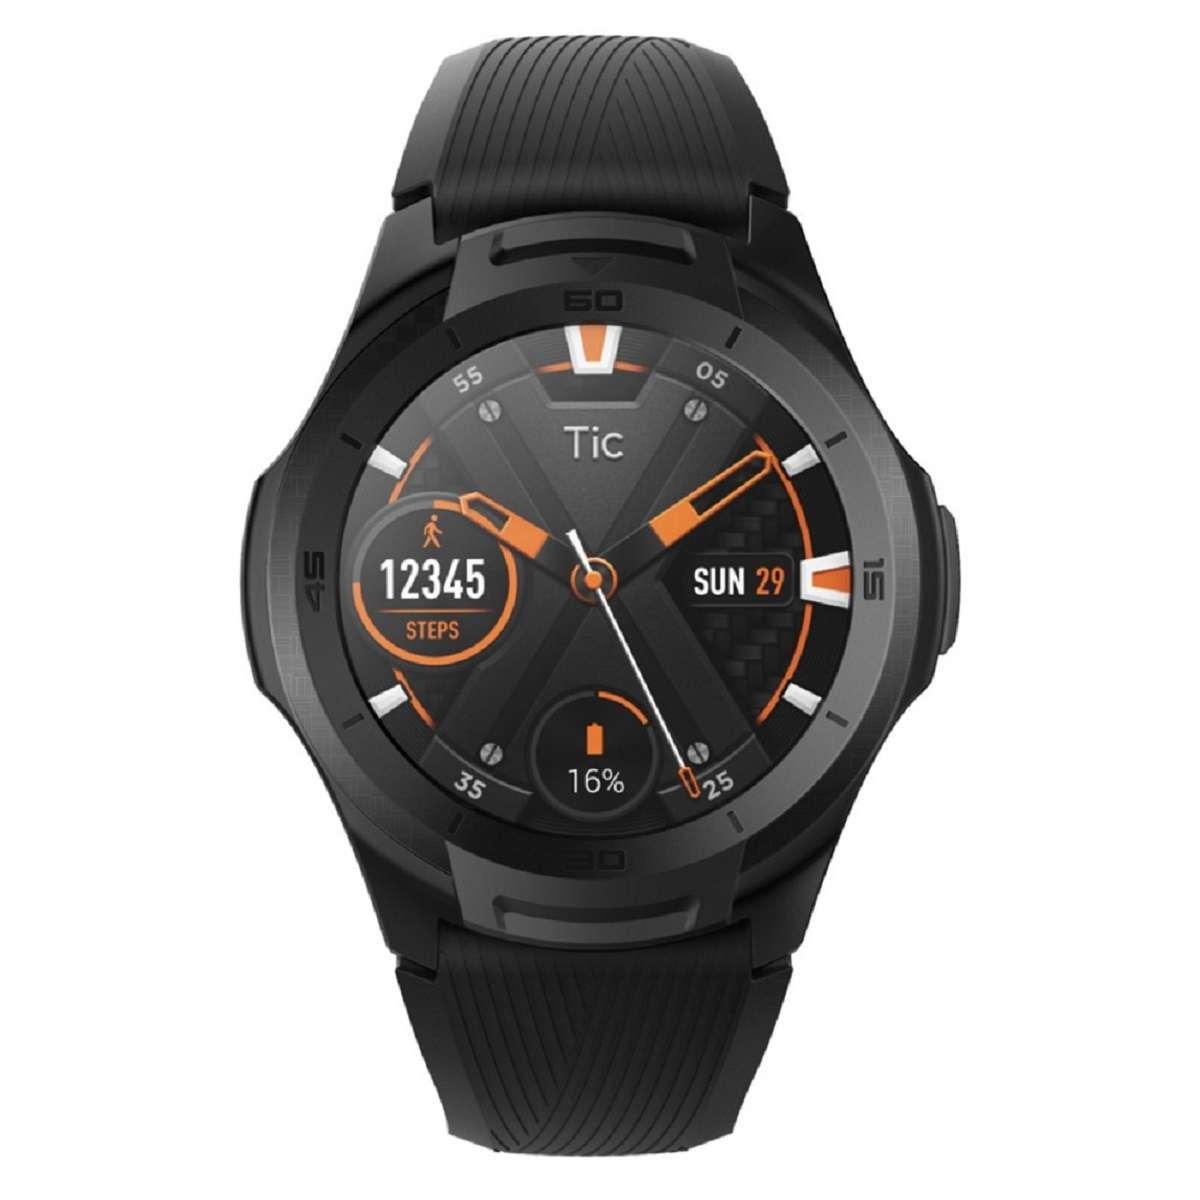 Relógio Smartwatch Mobvoi Ticwatch S2 Pxpx Com GPS integrado Preto